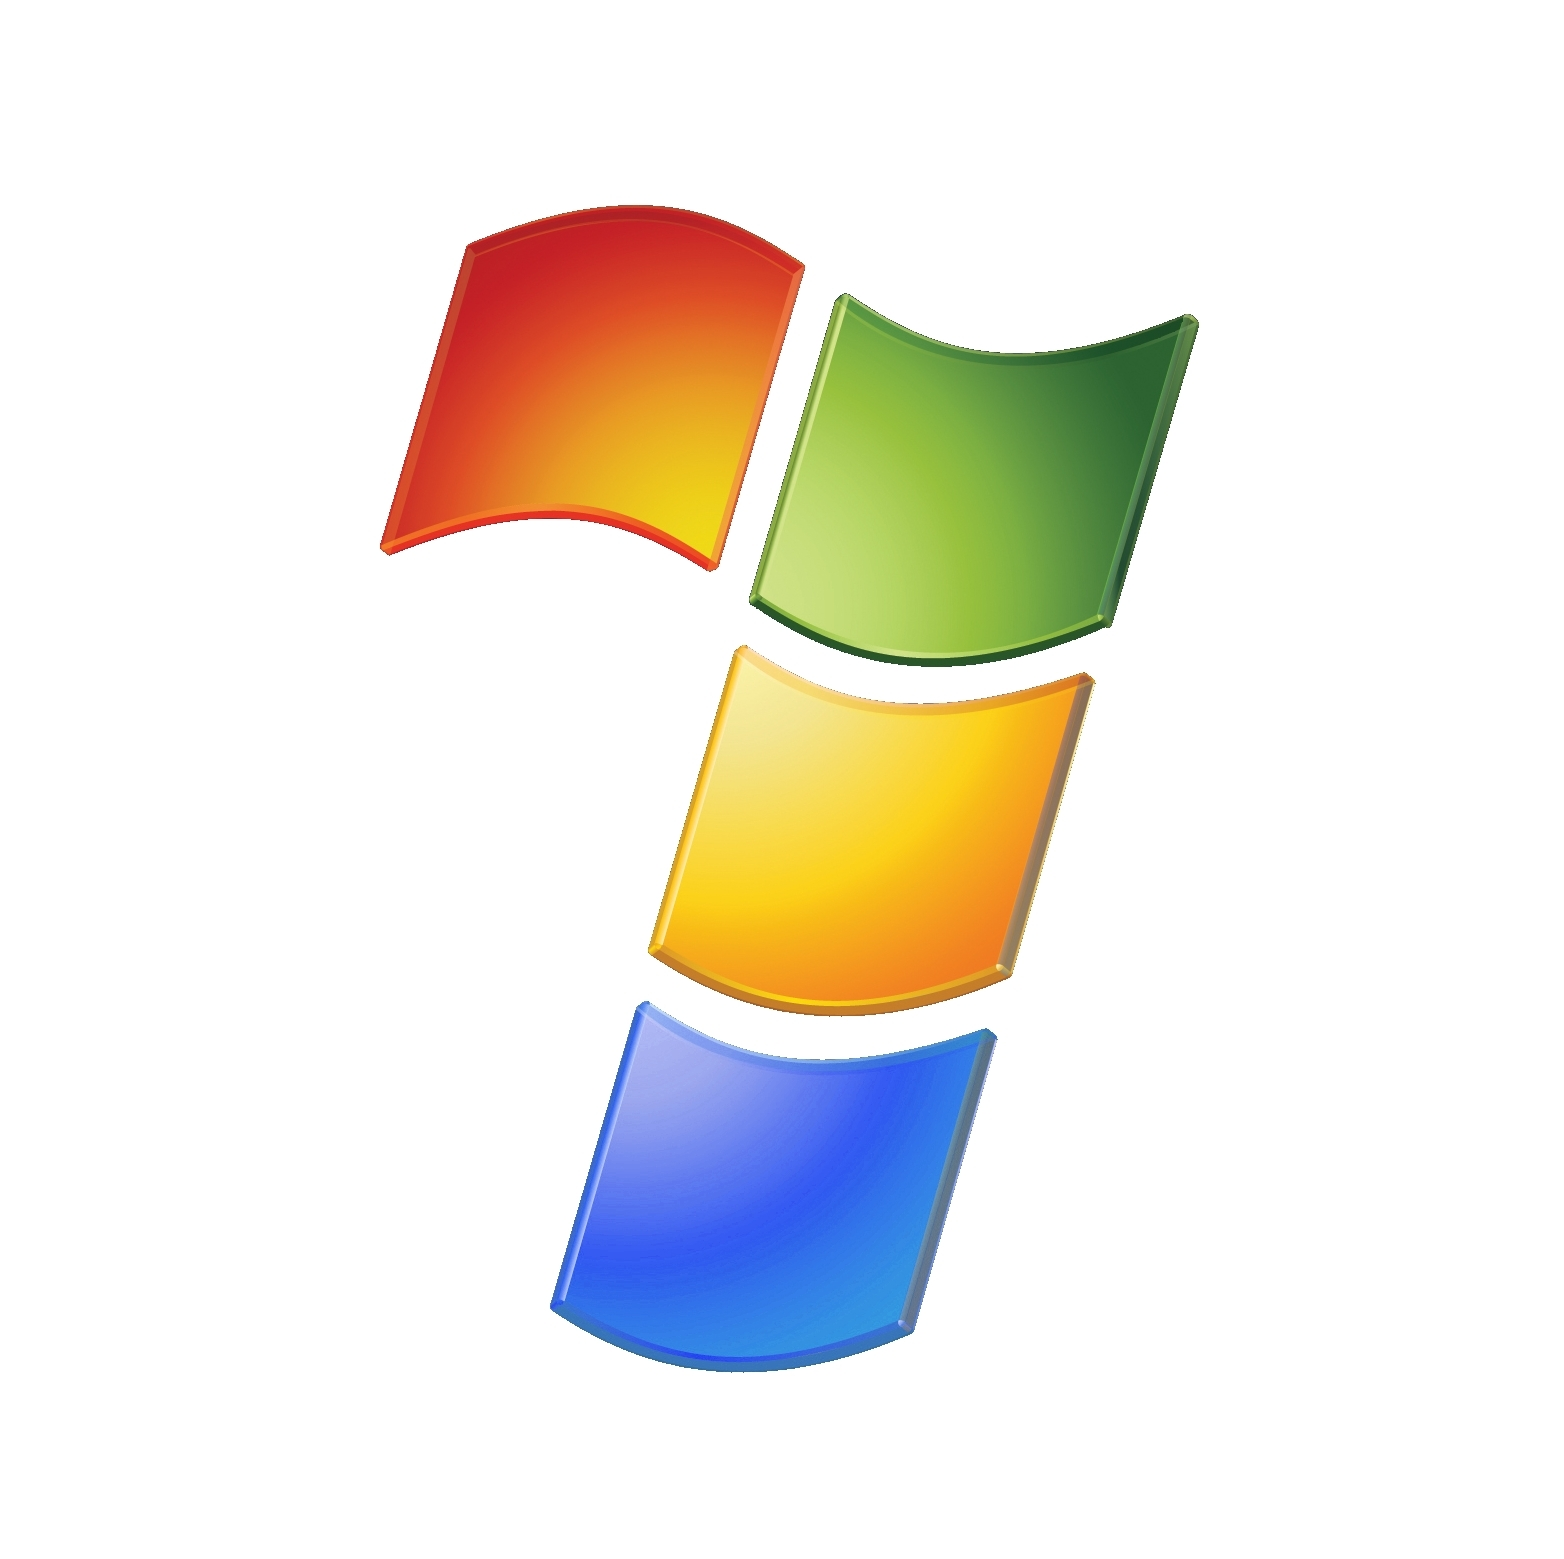 http://2.bp.blogspot.com/_iuUKIXIZqT4/TO1N1QQEb1I/AAAAAAAAAKI/d2t5v32qeAY/s1600/Microsoft-Windows7-Logo.jpg